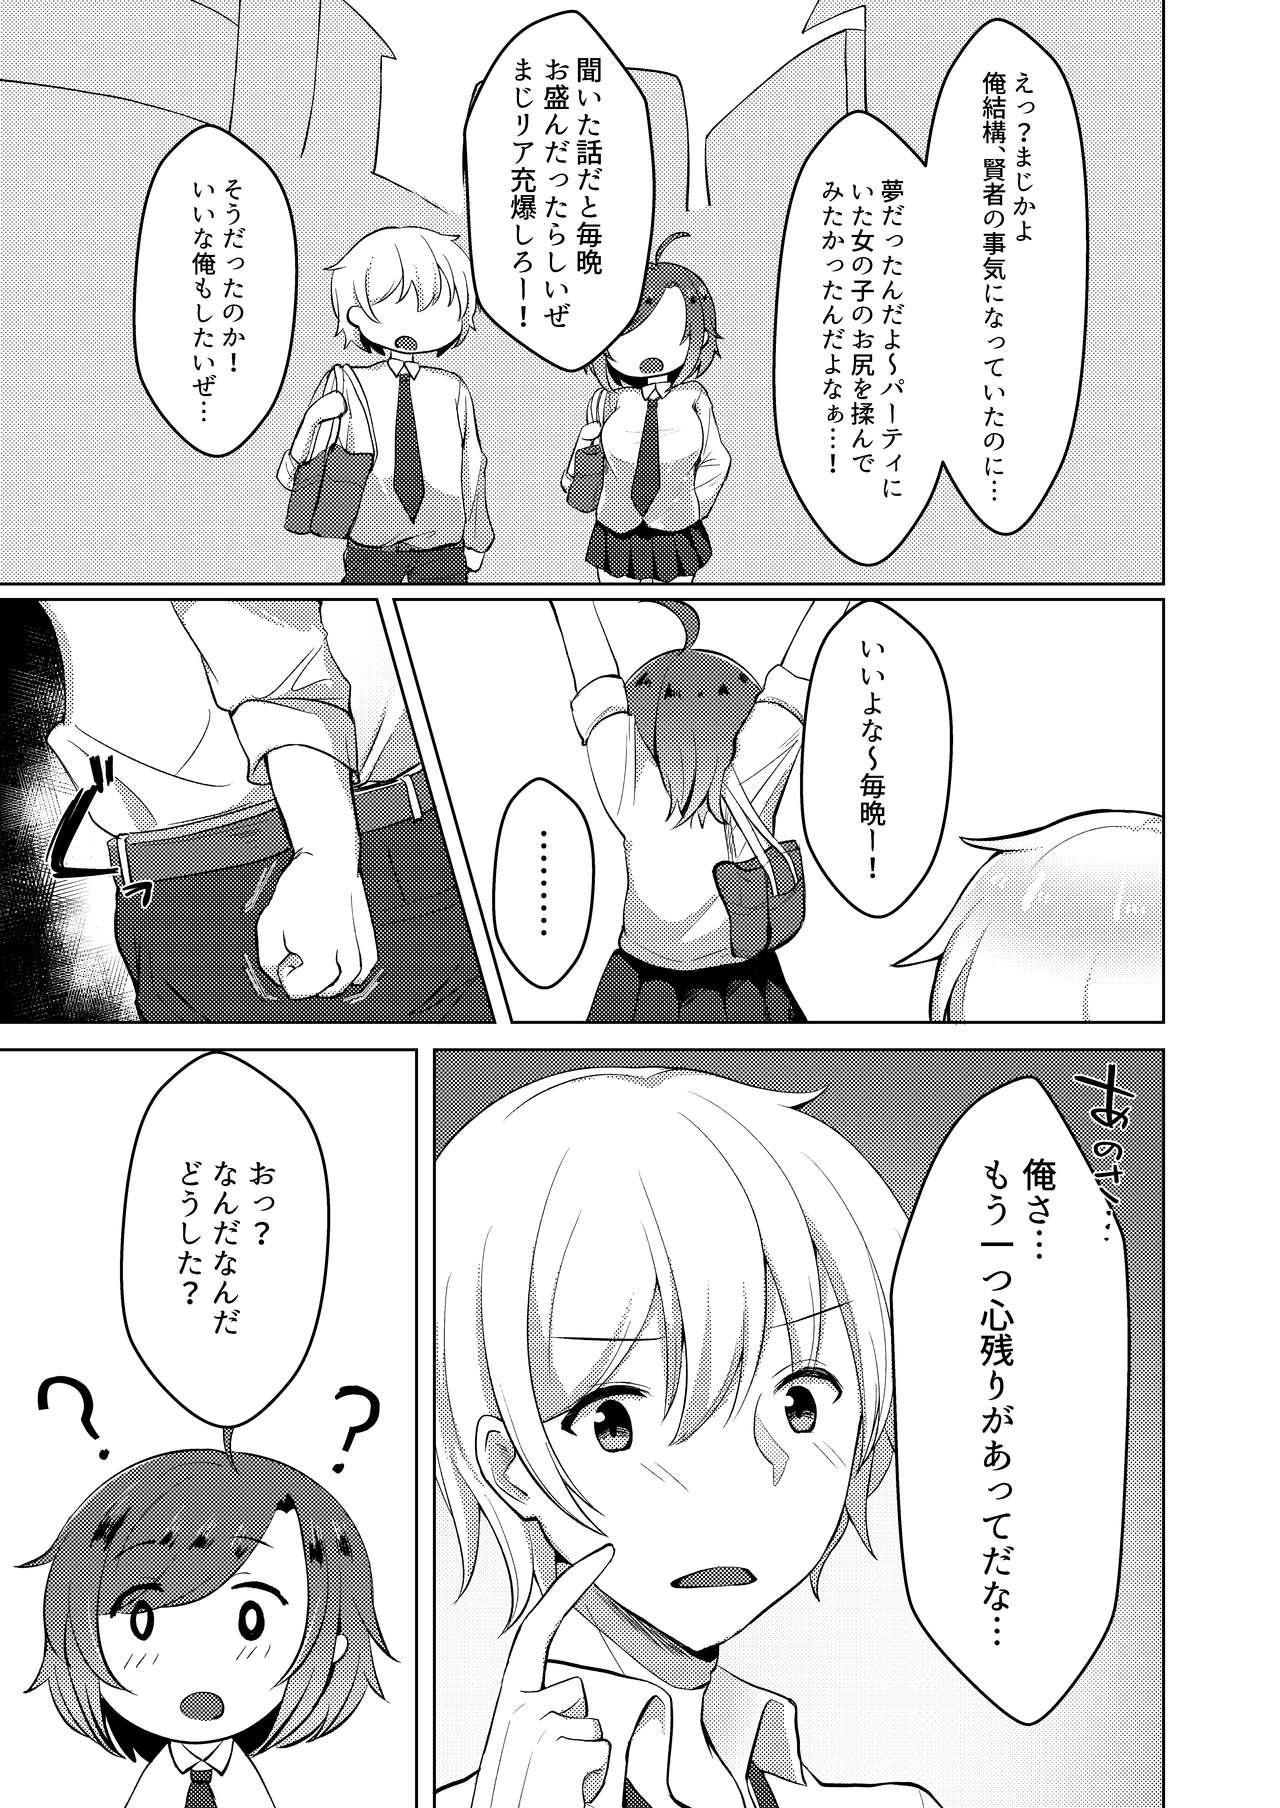 Transgender Tensei Shite JK ni Narimashita 12